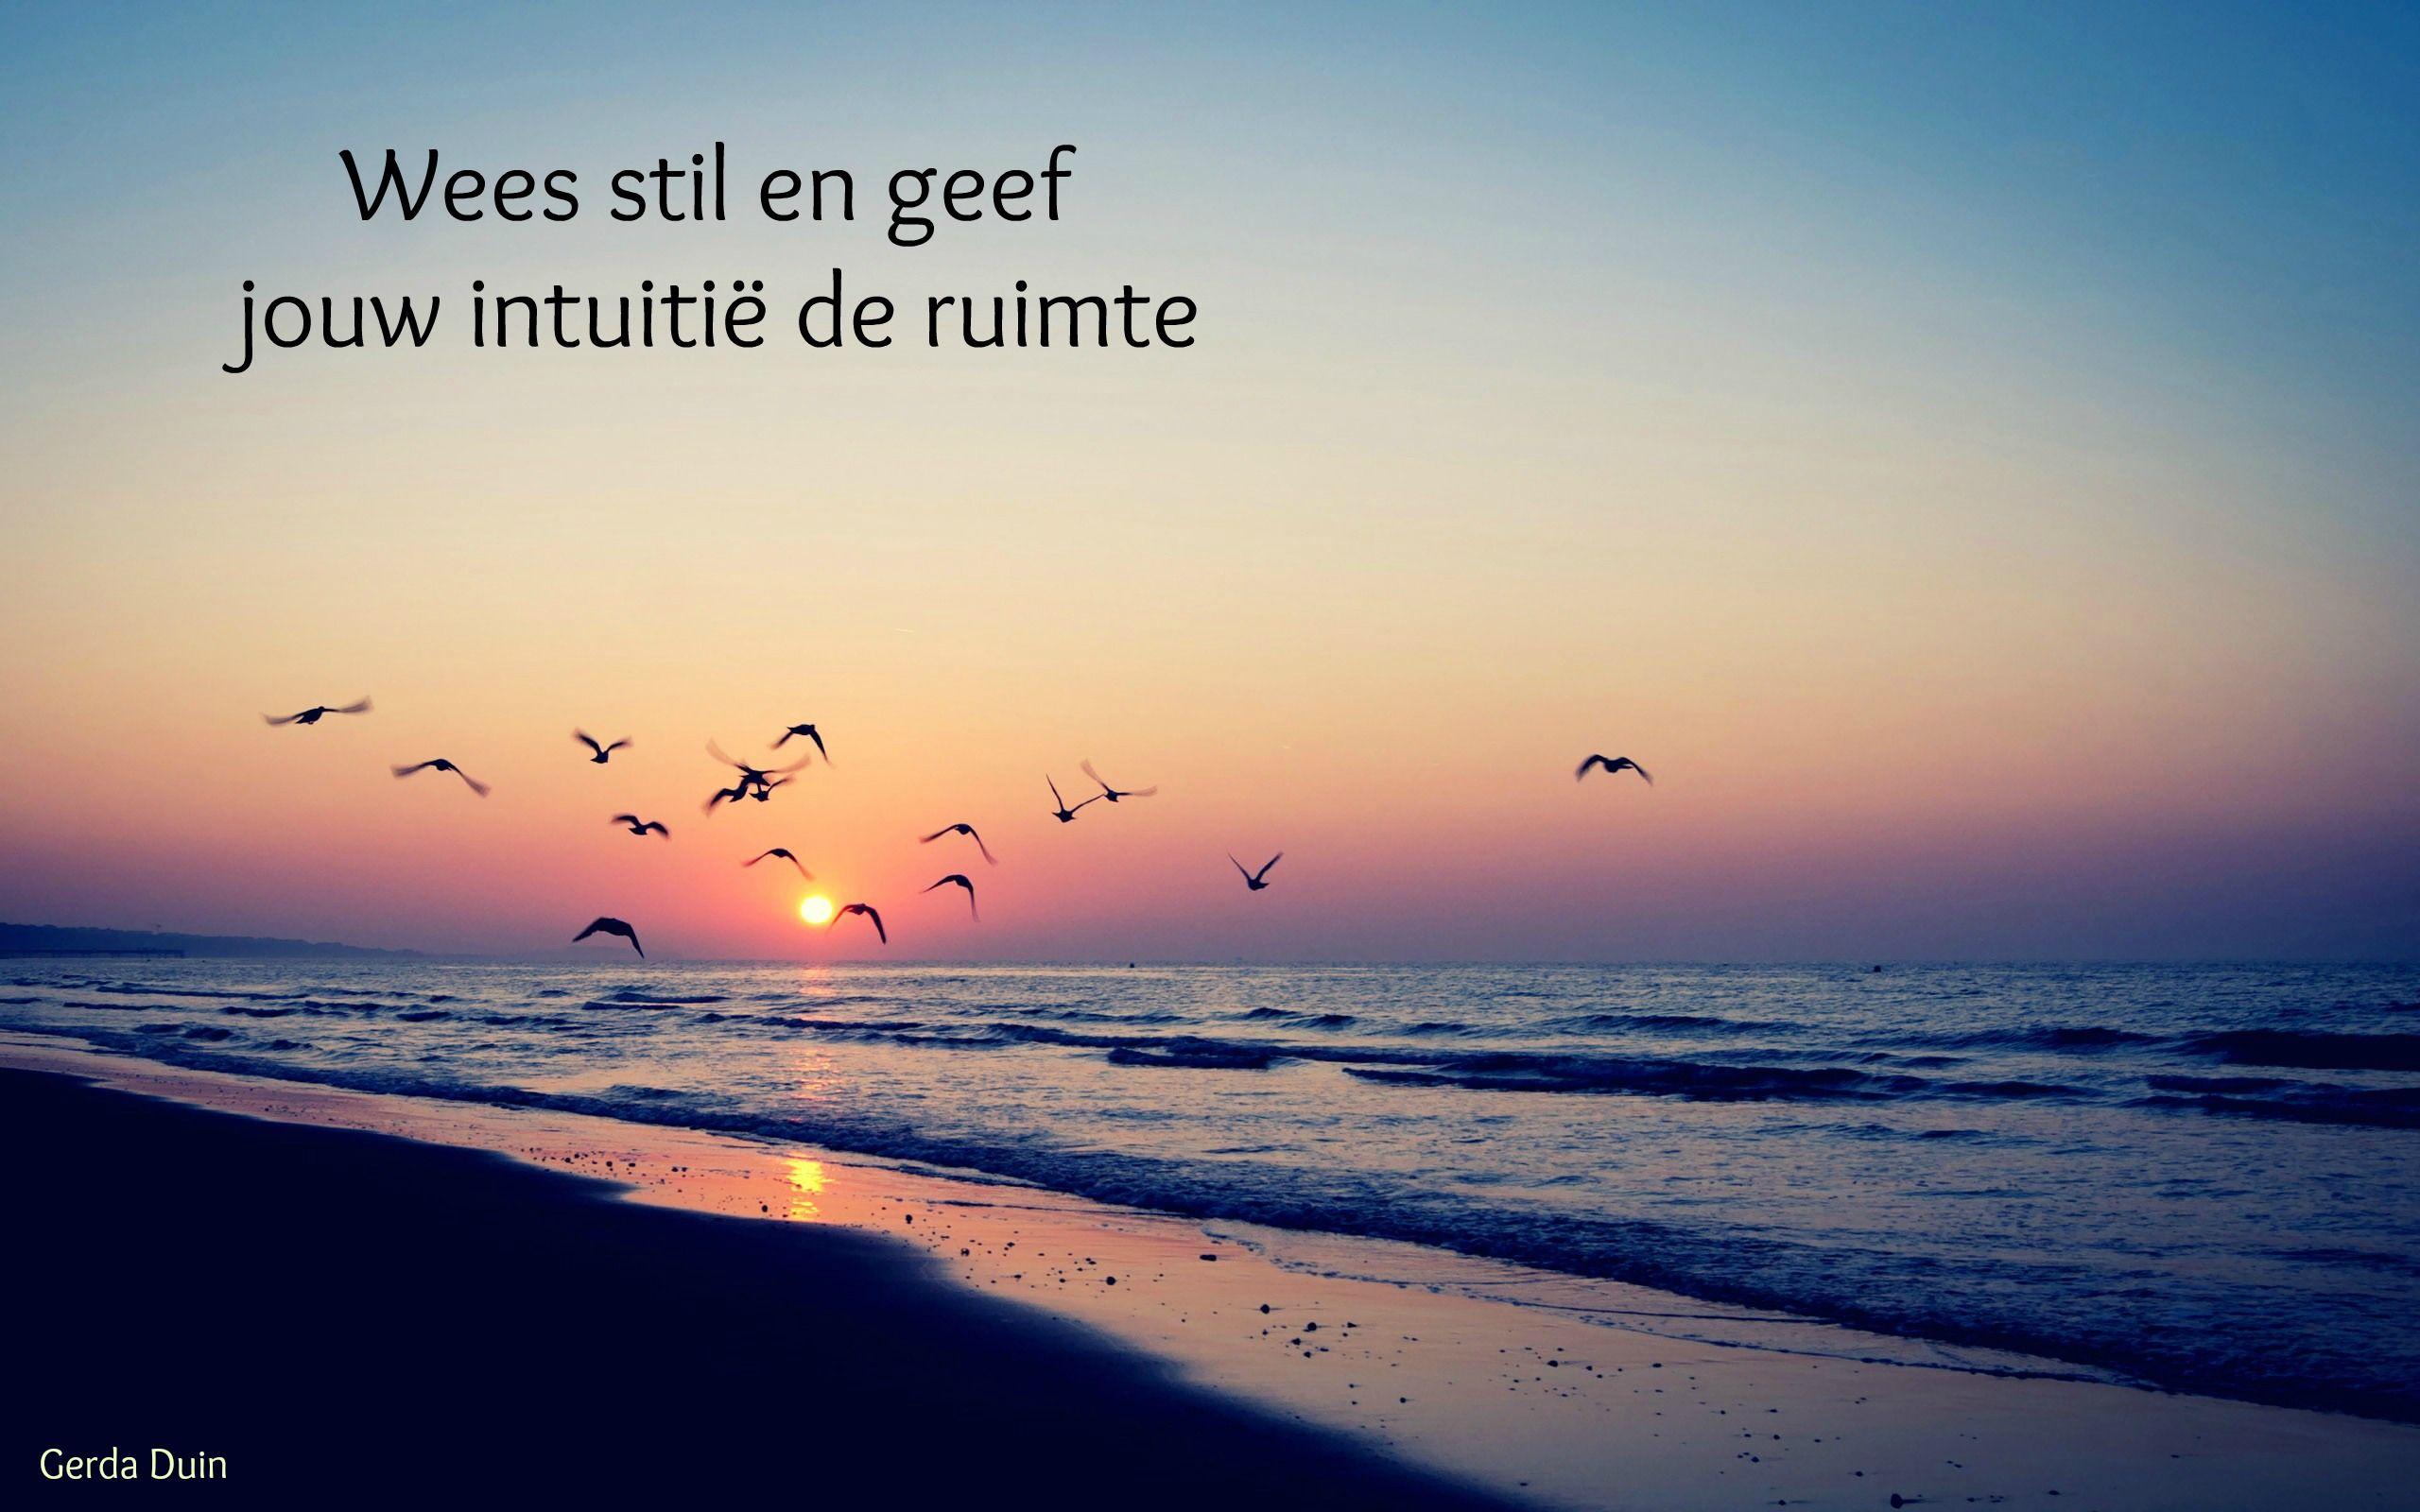 Wees stil en geef jouw intuitie de ruimte